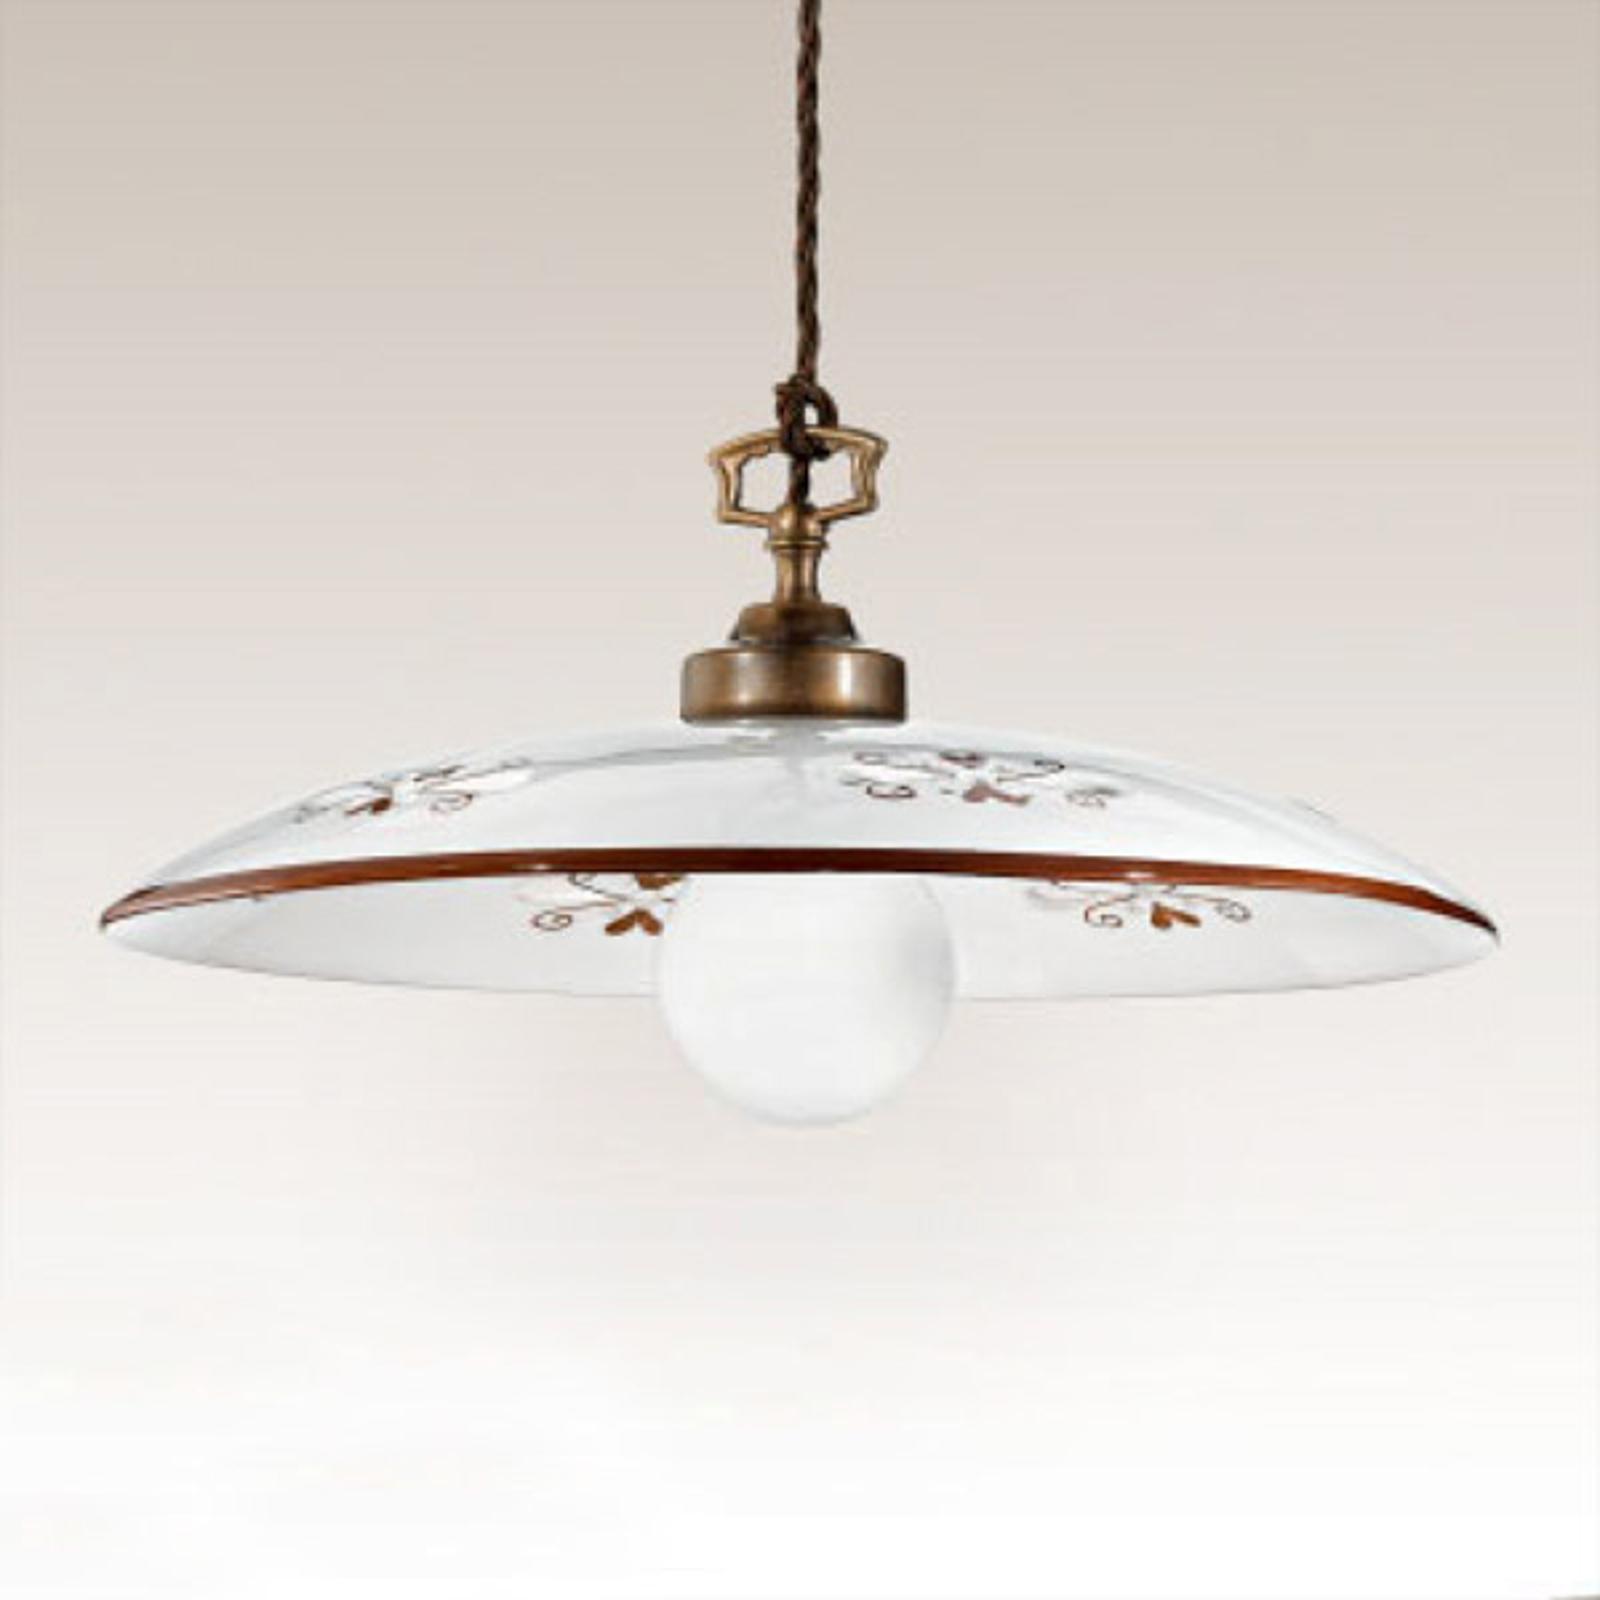 Závesná lampa Bassano 1-plameňová_2008050_1